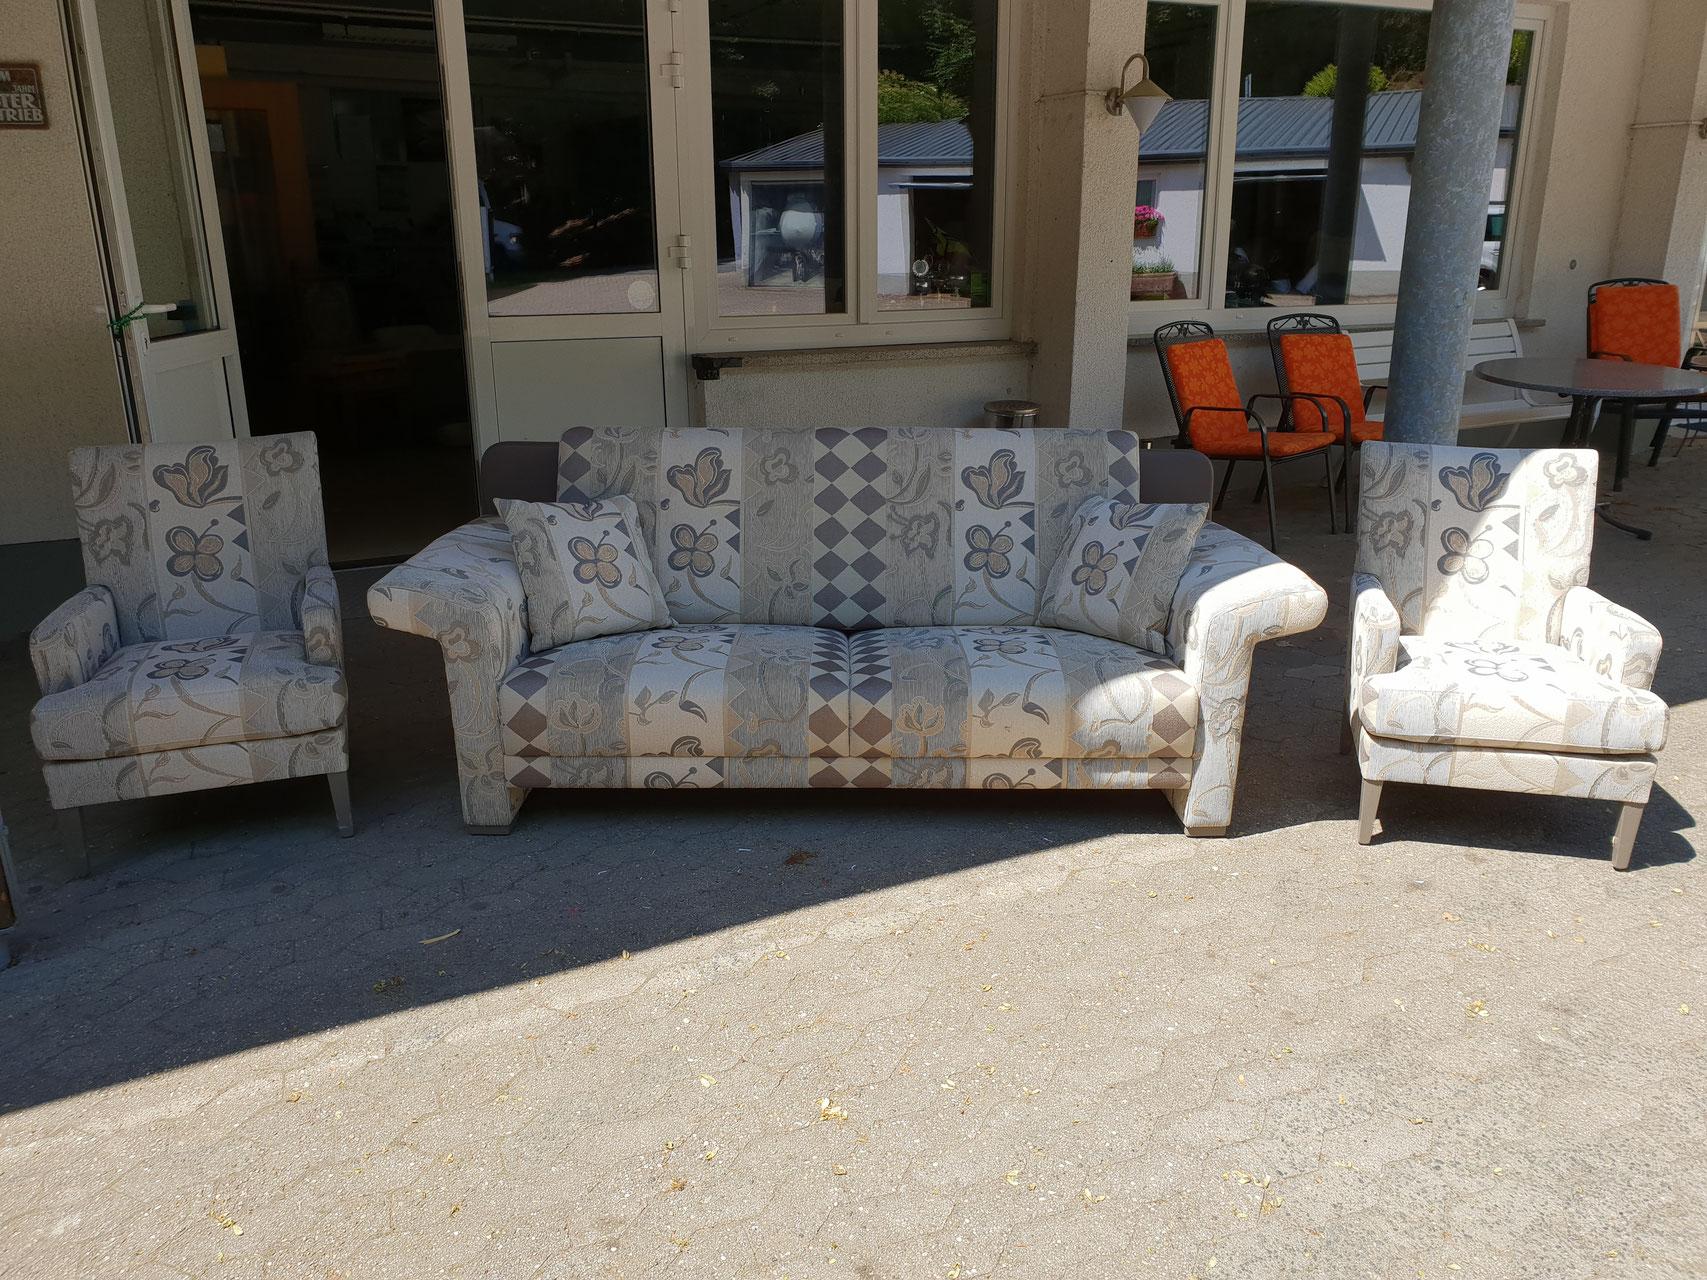 Verkauf Möbel Polsterei Daum